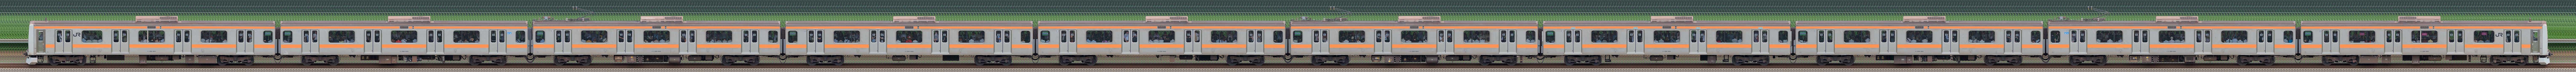 JR東日本 中央快速線 209系81編成(海側)の編成サイドビュー